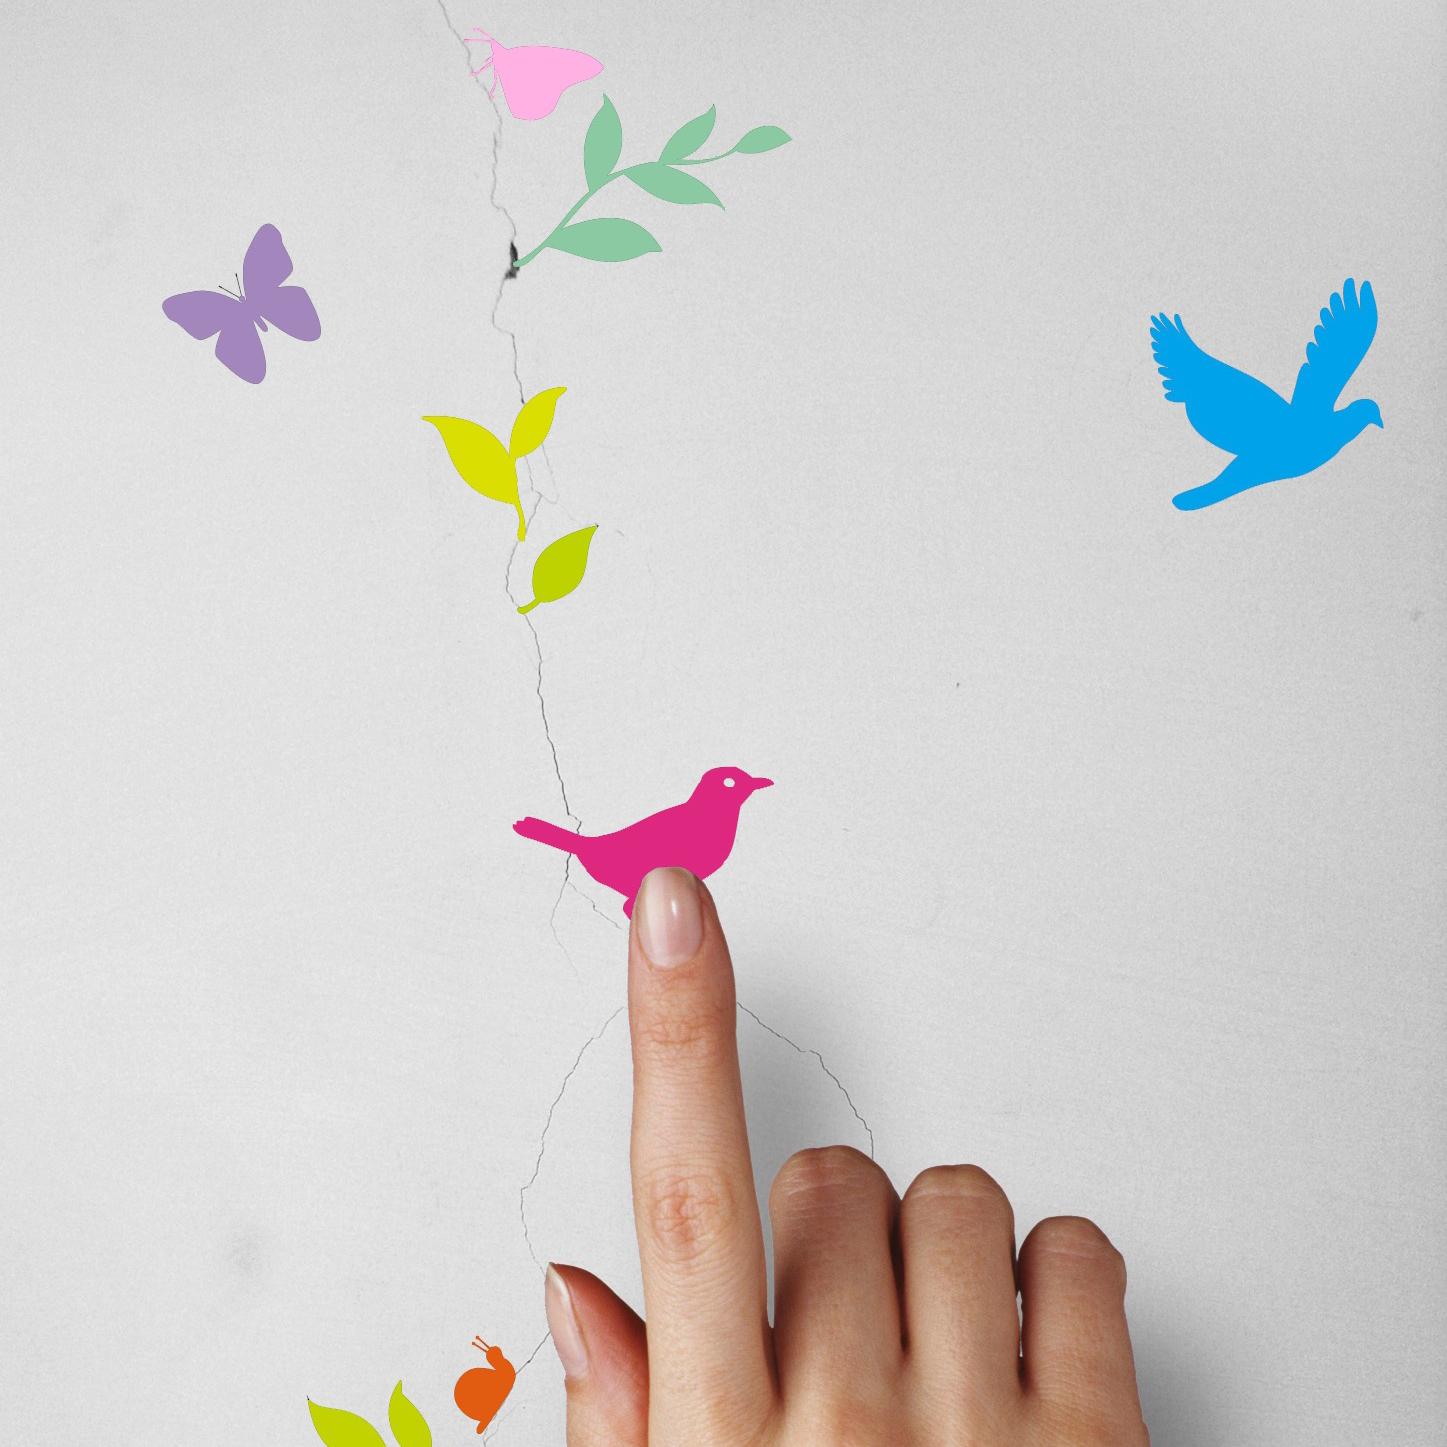 『 輕鬆美化牆壁 』TakeBreak 牆壁裂痕壁貼 彩色